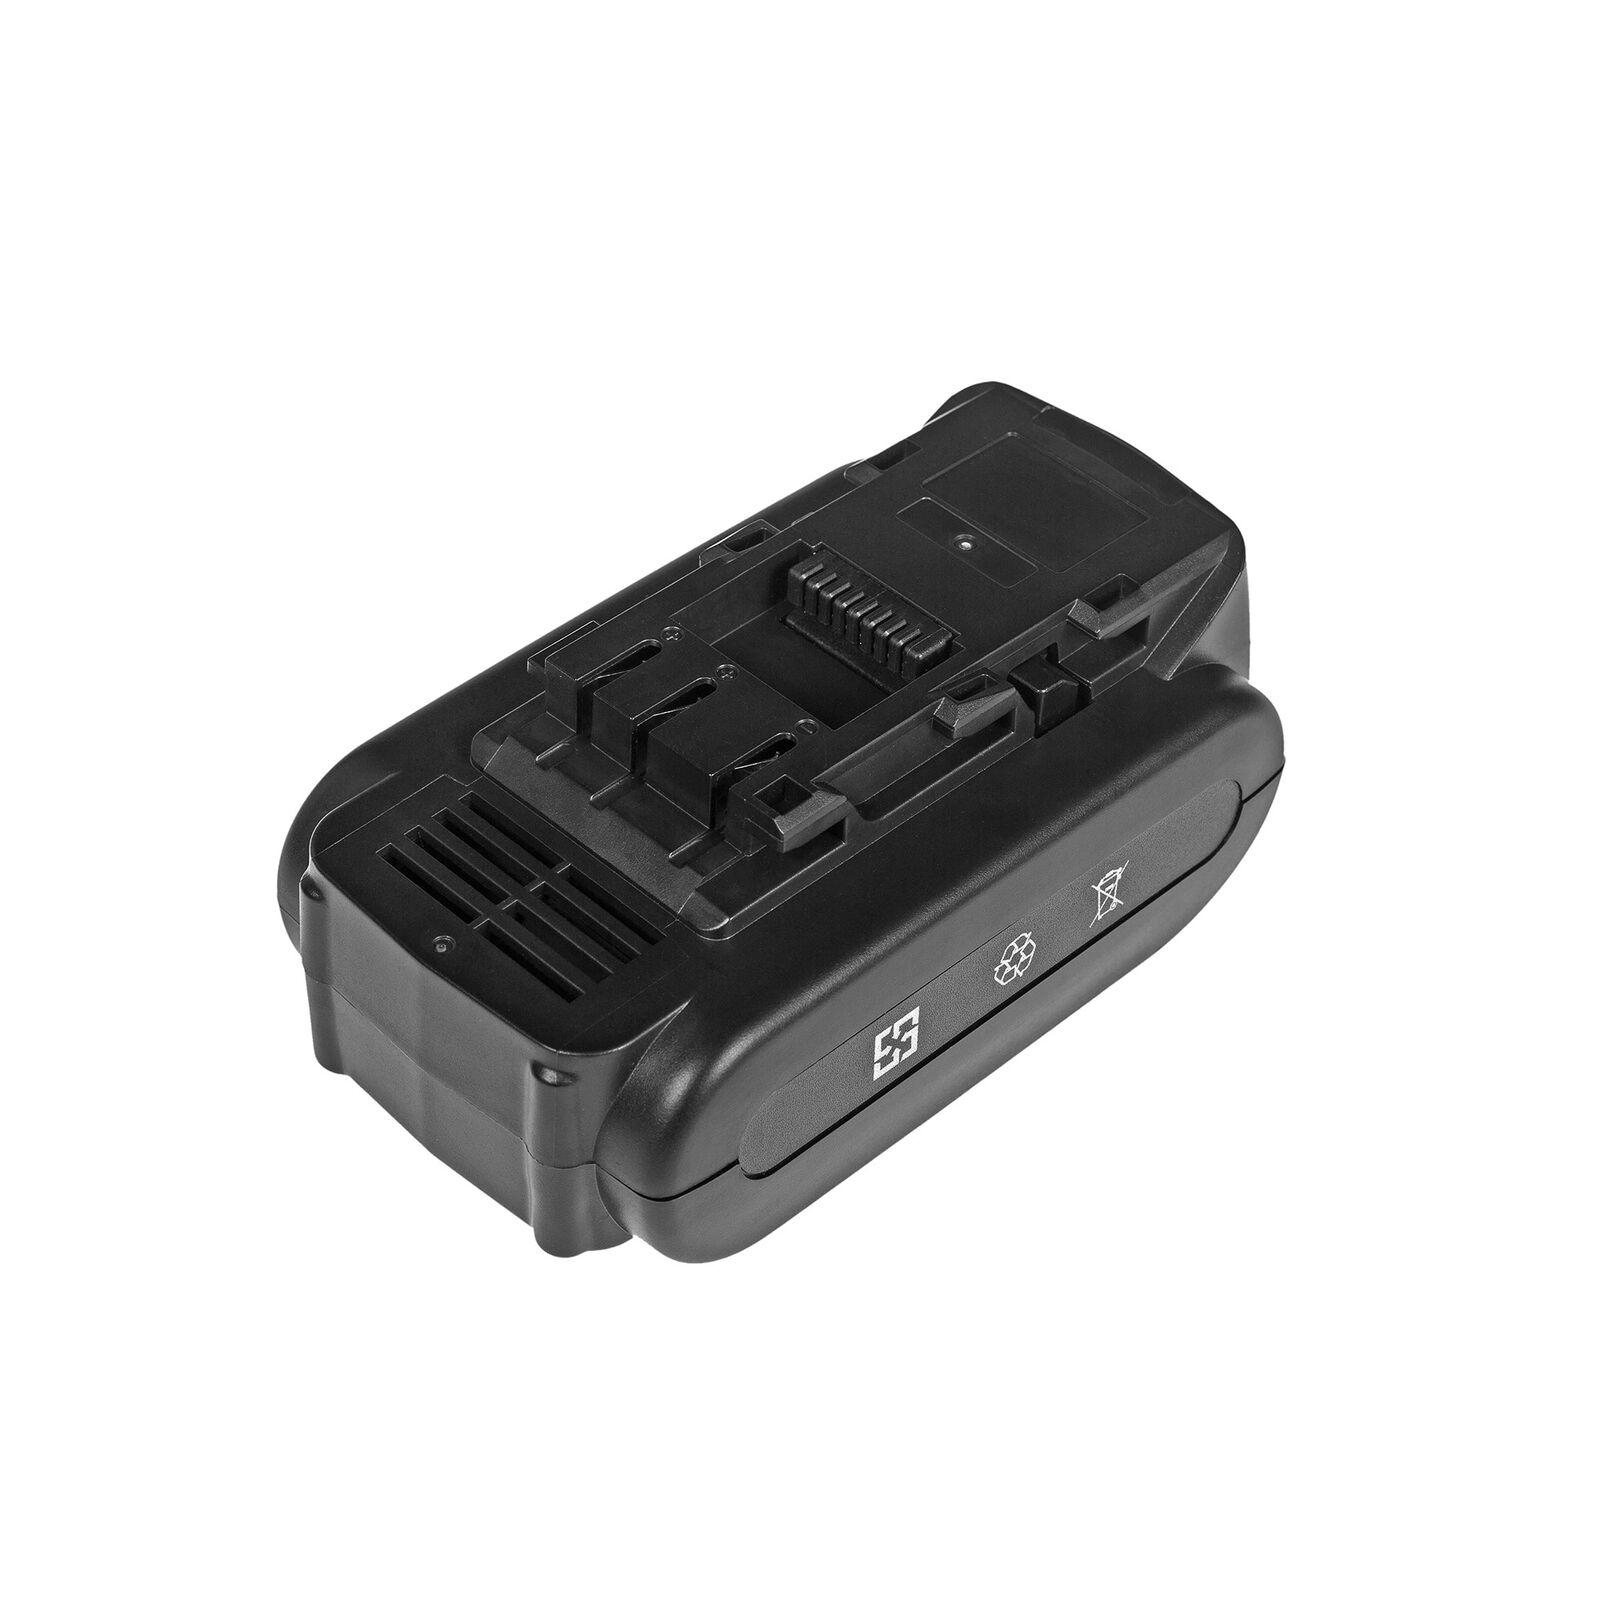 Batterie 14.4V Li-Ion 5.0AH Panasonic EY7547X EY7441 EZ9L44 EZ9L40 EZ9L44 EY9L41B EY9L40(compatible)